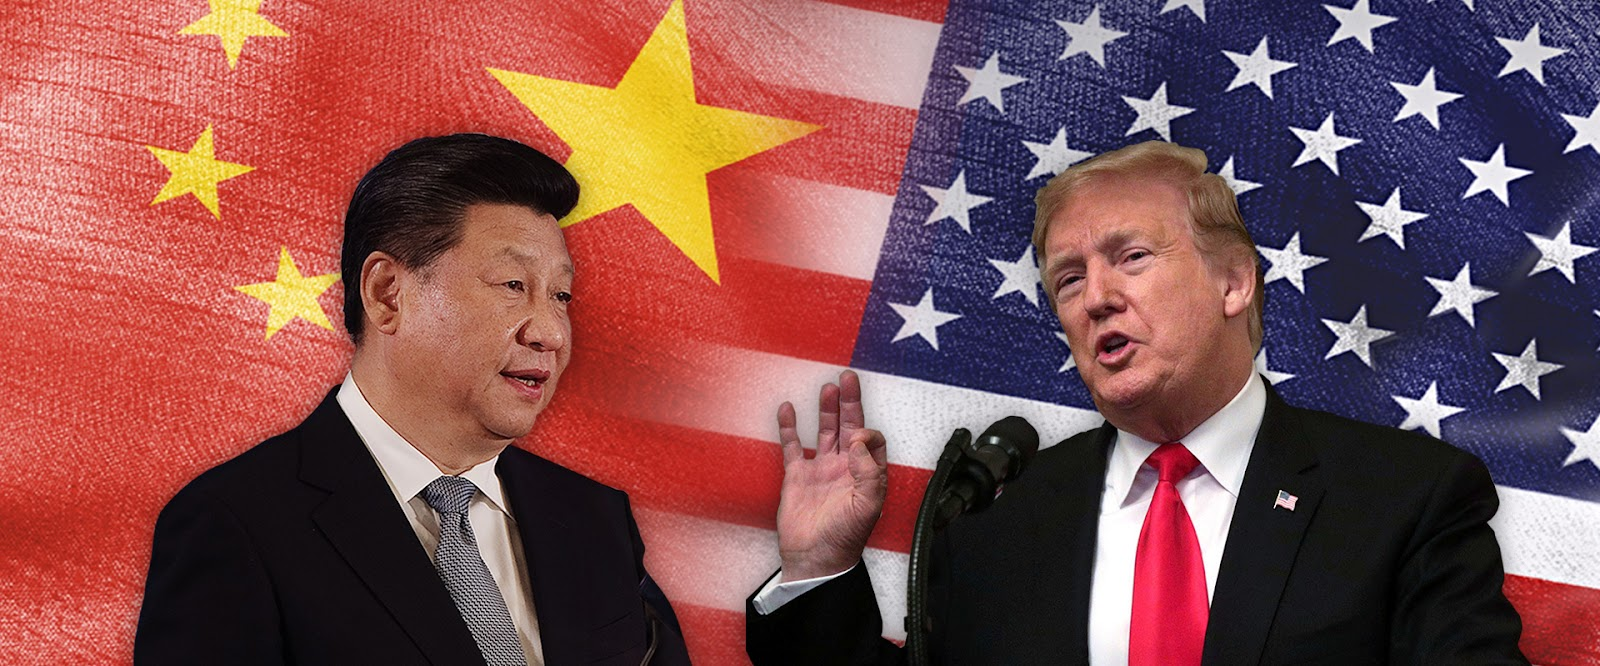 Chiến tranh thương mại giữa Mỹ và Trung Quốc.